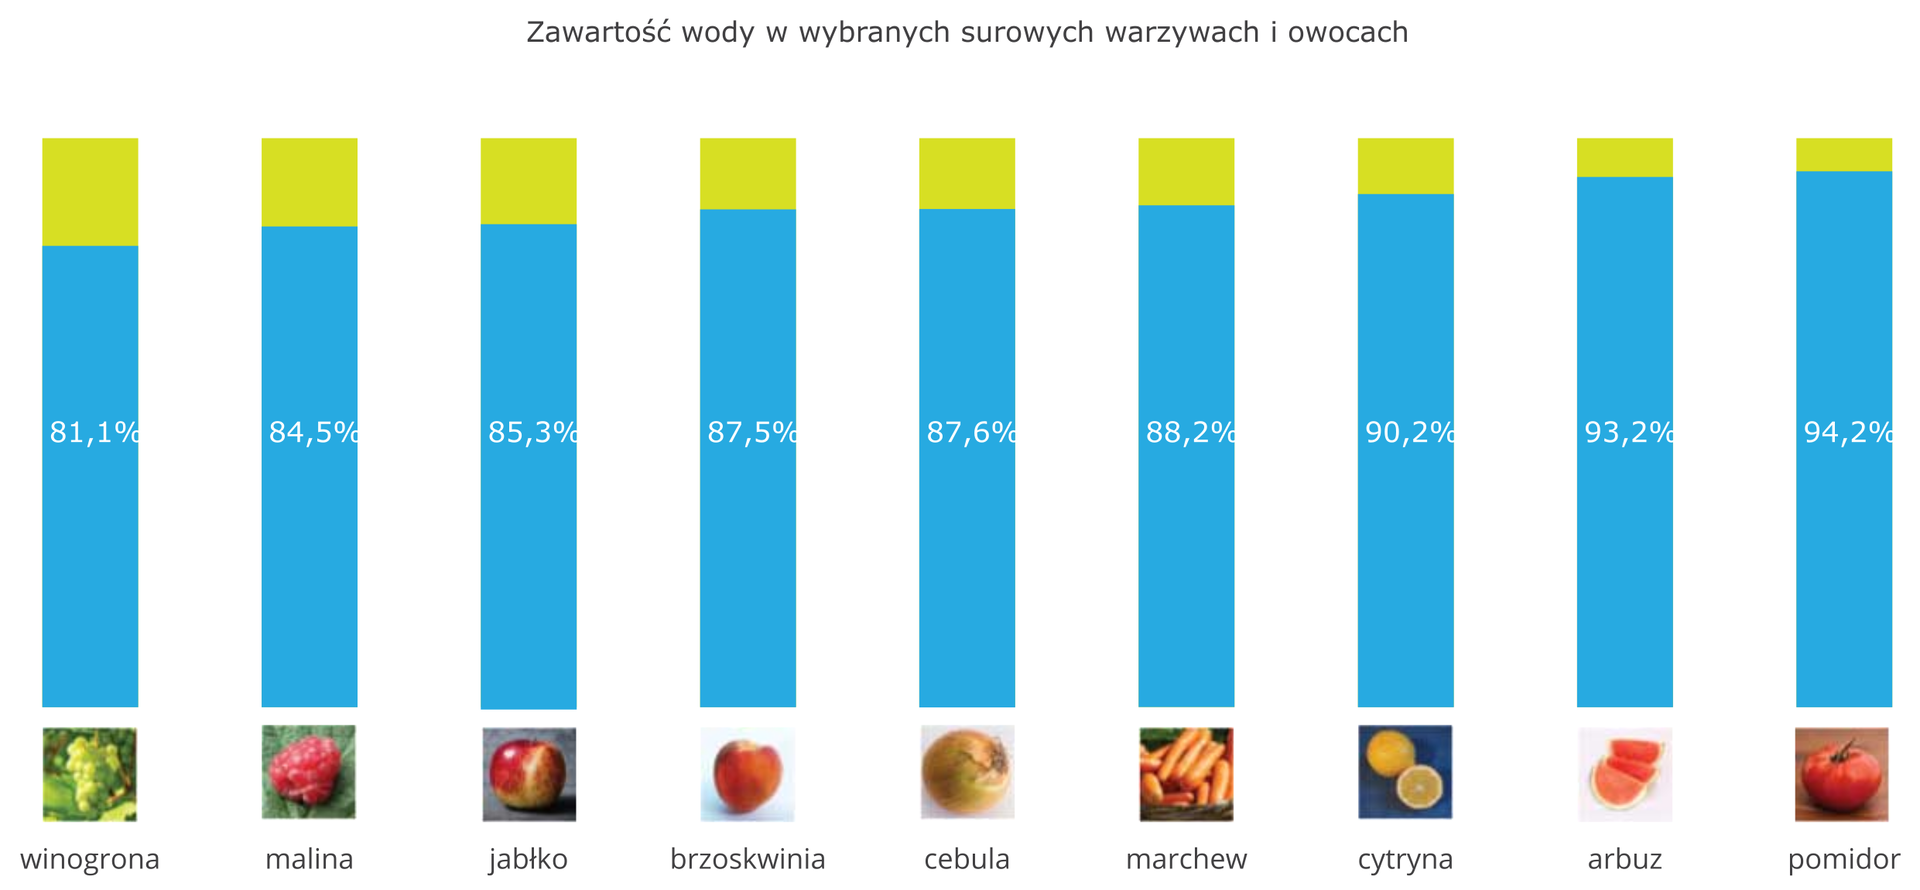 Schemat przedstawia zawartość wody wprzykładowych surowych warzywach iowocach. Prezentowanych jest dziewięć roślin spożywczych wpostaci podpisu izdjęcia. Nad każdą fotografią widnieje zielony słupek oznaczający 100 gramów danego pożywienia. Długość niższego, niebieskiego słupka nałożonego na zielony informuje ozawartości wody, która dodatkowo podana jest wprocentach. Itak, licząc od lewej, są to: winogrona 81,1 procent, malina 84,5 procent, jabłko 85,3 procent, brzoskwinia 87,5 procent, cebula 87,6 procent, marchew 88,2 procent, cytryna 90,2 procent, arbuz 93,2 procent, pomidor 94,2 procent.